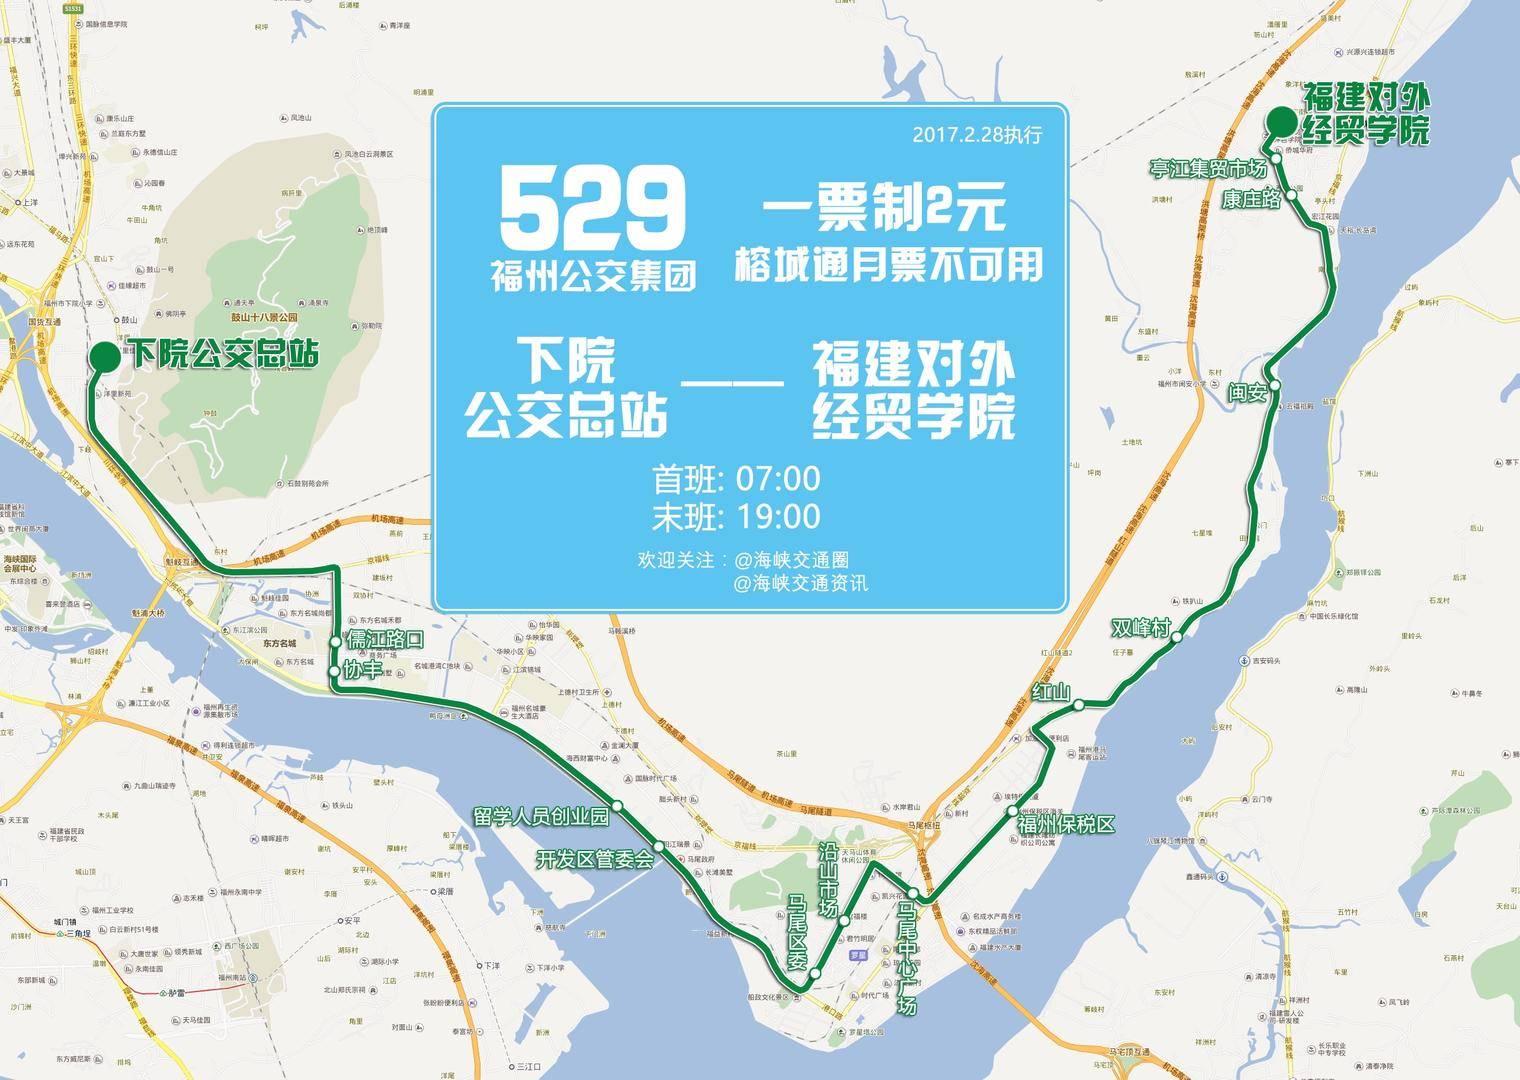 529非最新.jpg